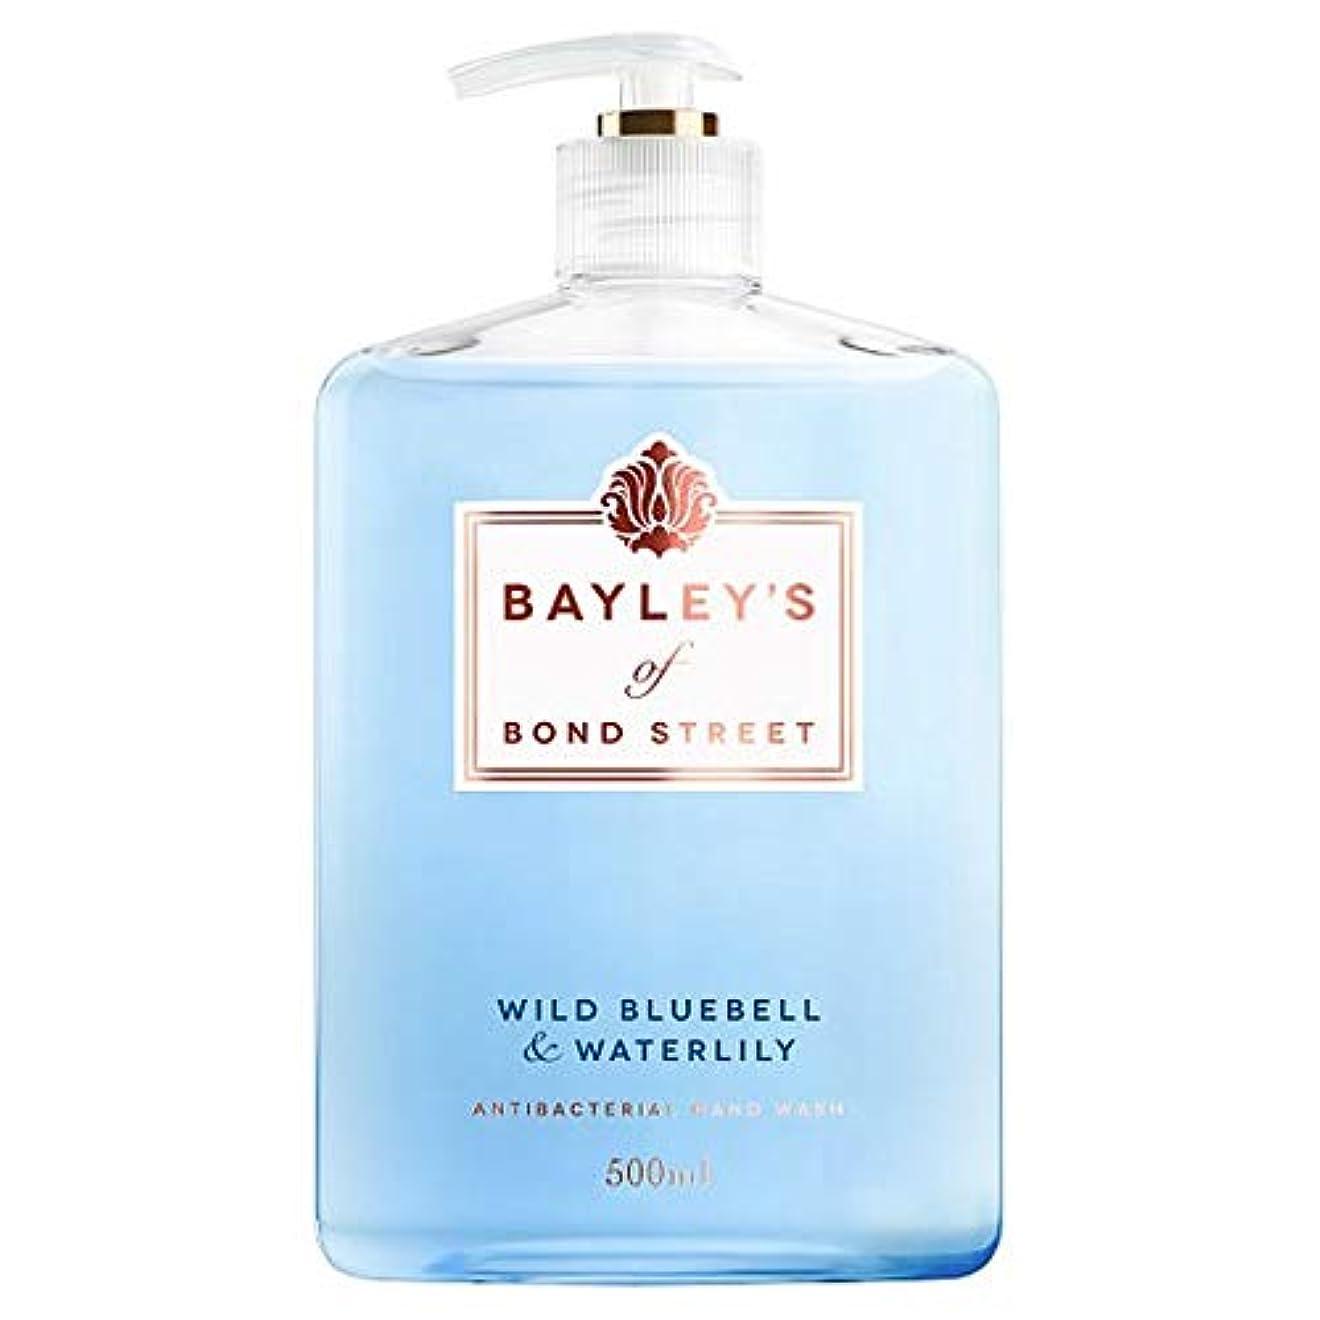 描く特権的悪用[Pz Cussons] ベイリーのボンドストリートブルーベルの手洗いの500ミリリットルの - Bayley's Of Bond Street Bluebell Handwash 500Ml [並行輸入品]